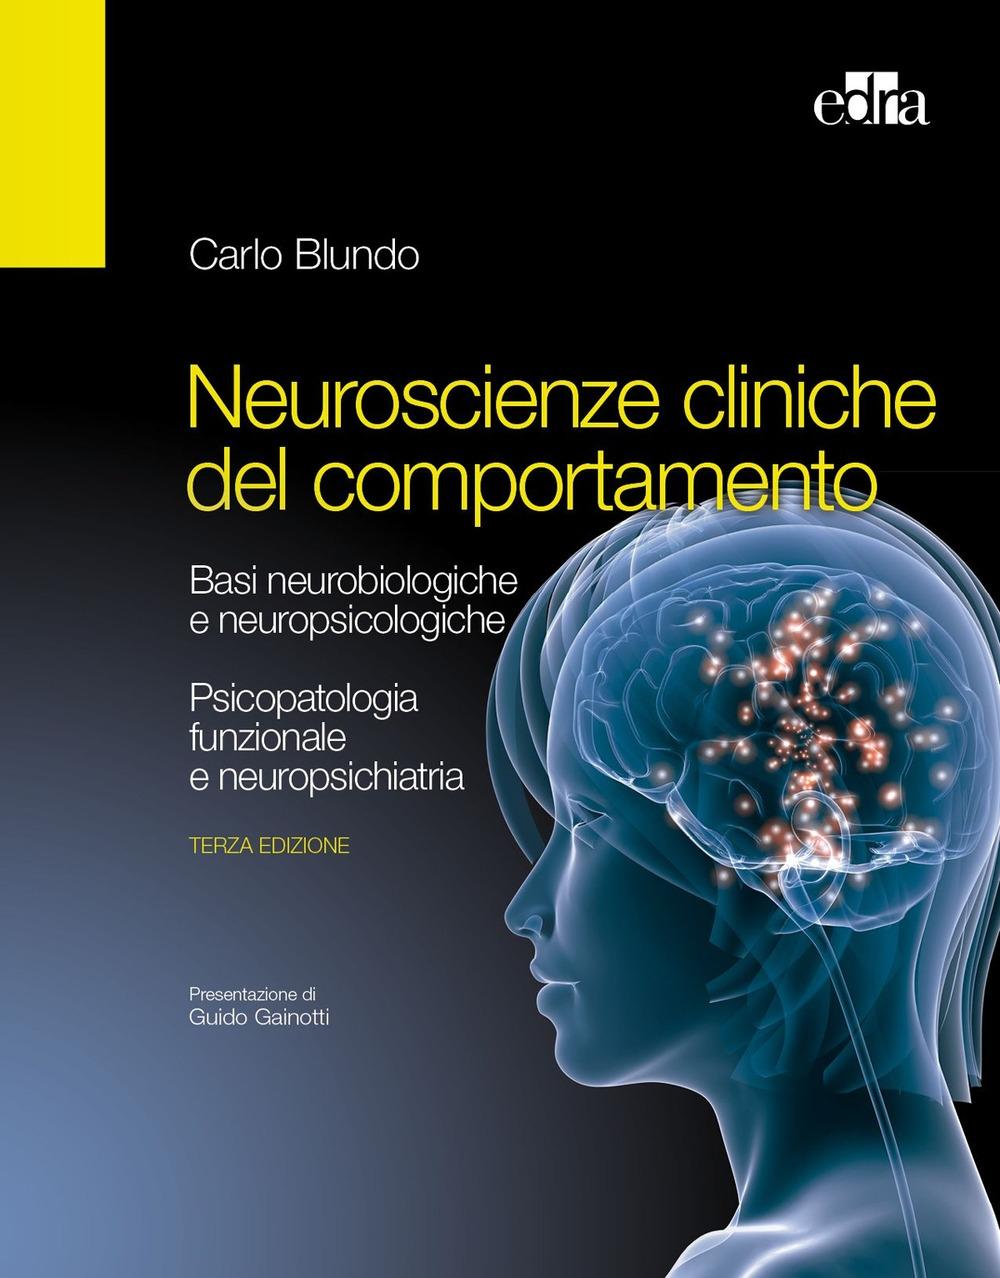 Neuroscienze cliniche del comportamento